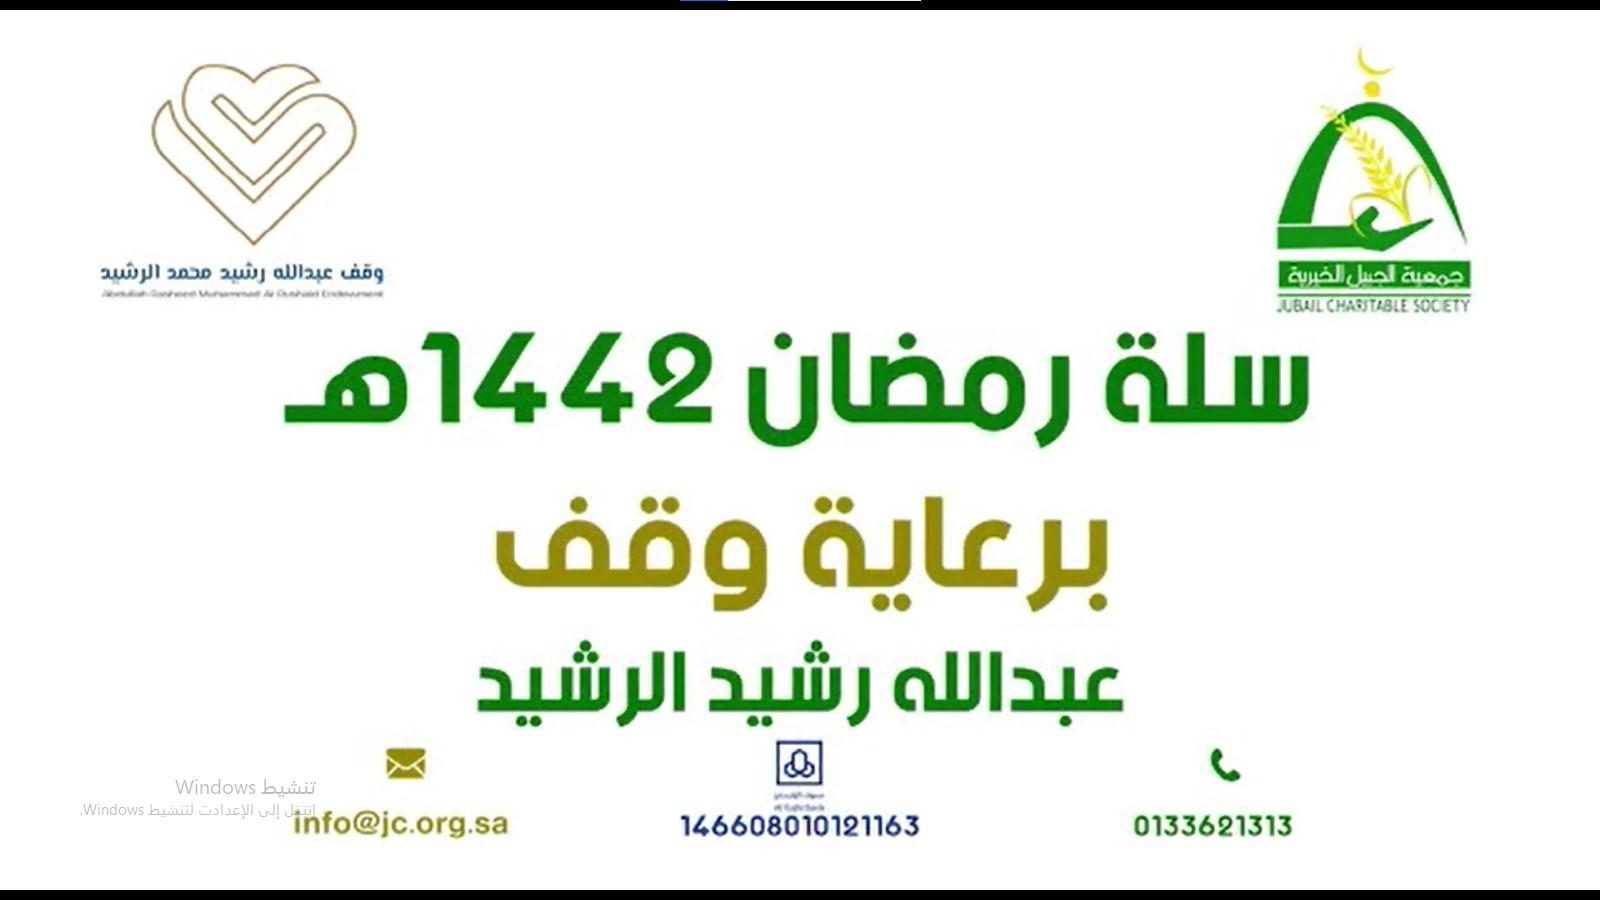 أنهت جمعية الجبيل الخيرية توزيع السلال الرمضانية لمستفيدي الجمعية